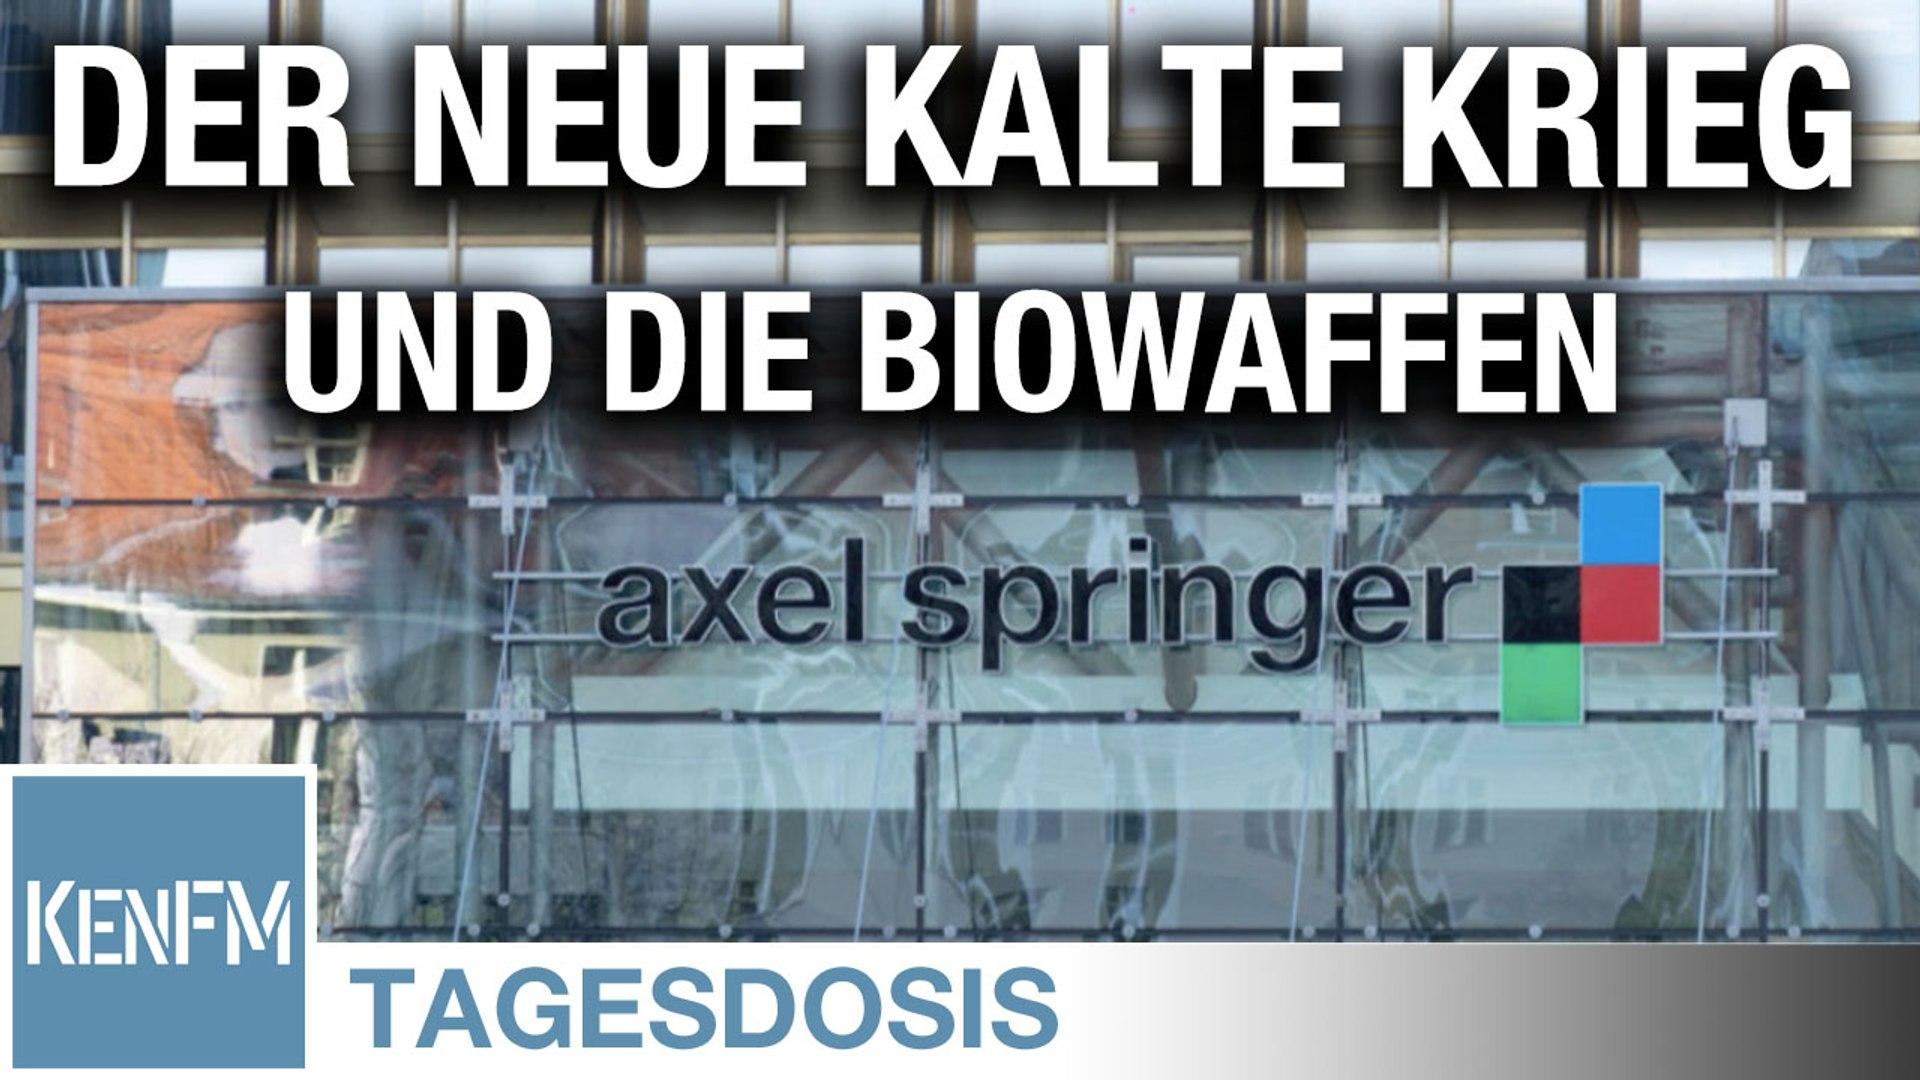 Der Neue Kalte Krieg und die Biowaffen - Tagesdosis 23.6.2020